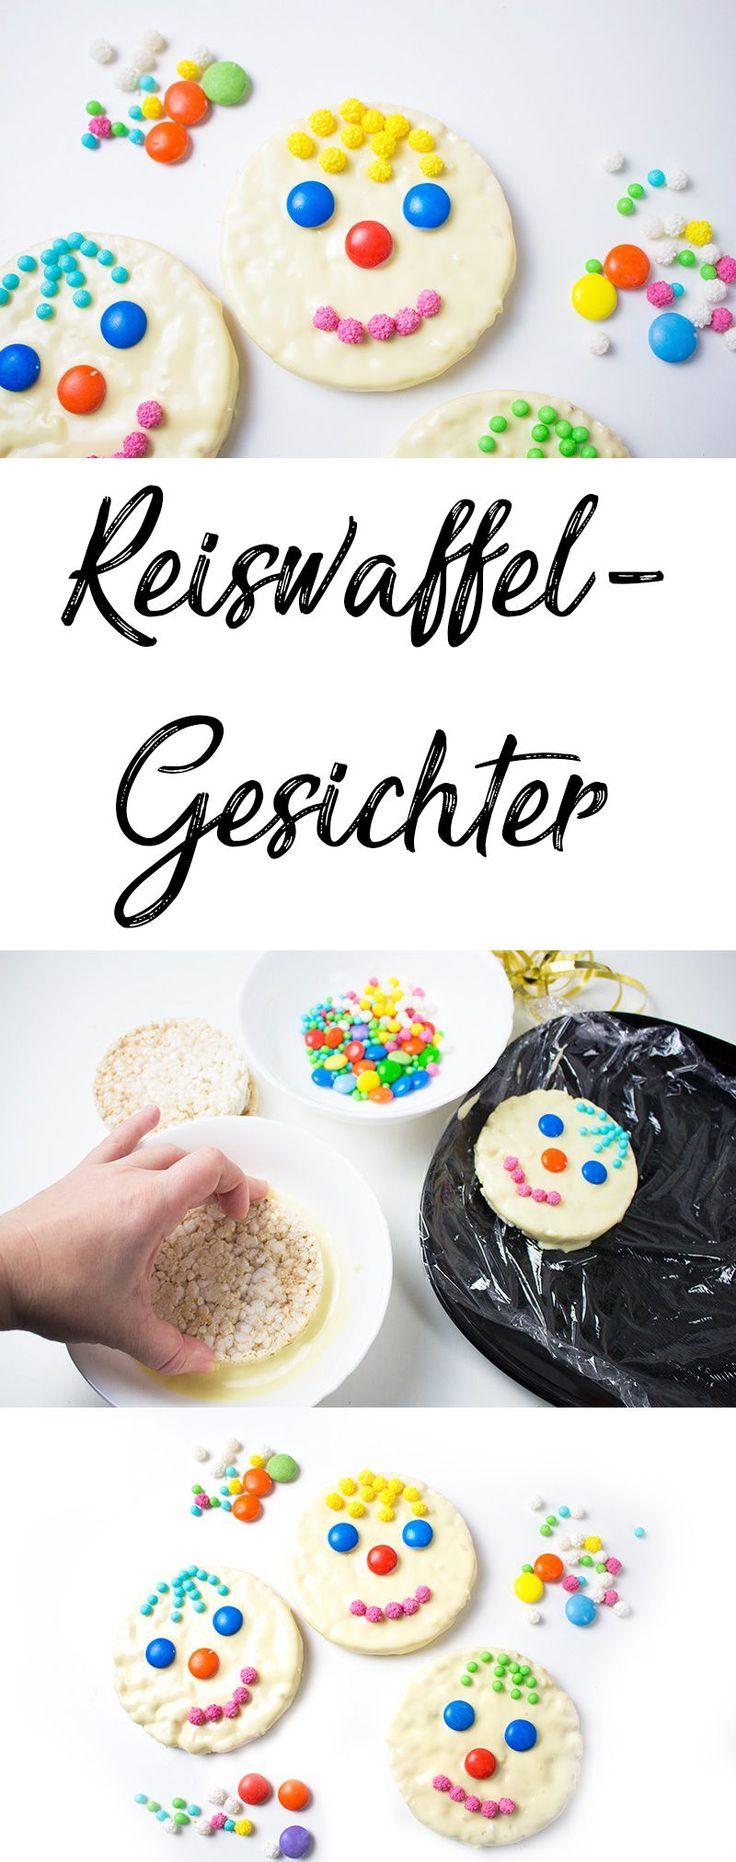 Karnevalsparty – 4 schnelle Ideen für farbenfrohe Snacks   – ♥ Fasching mit Kindern ♥